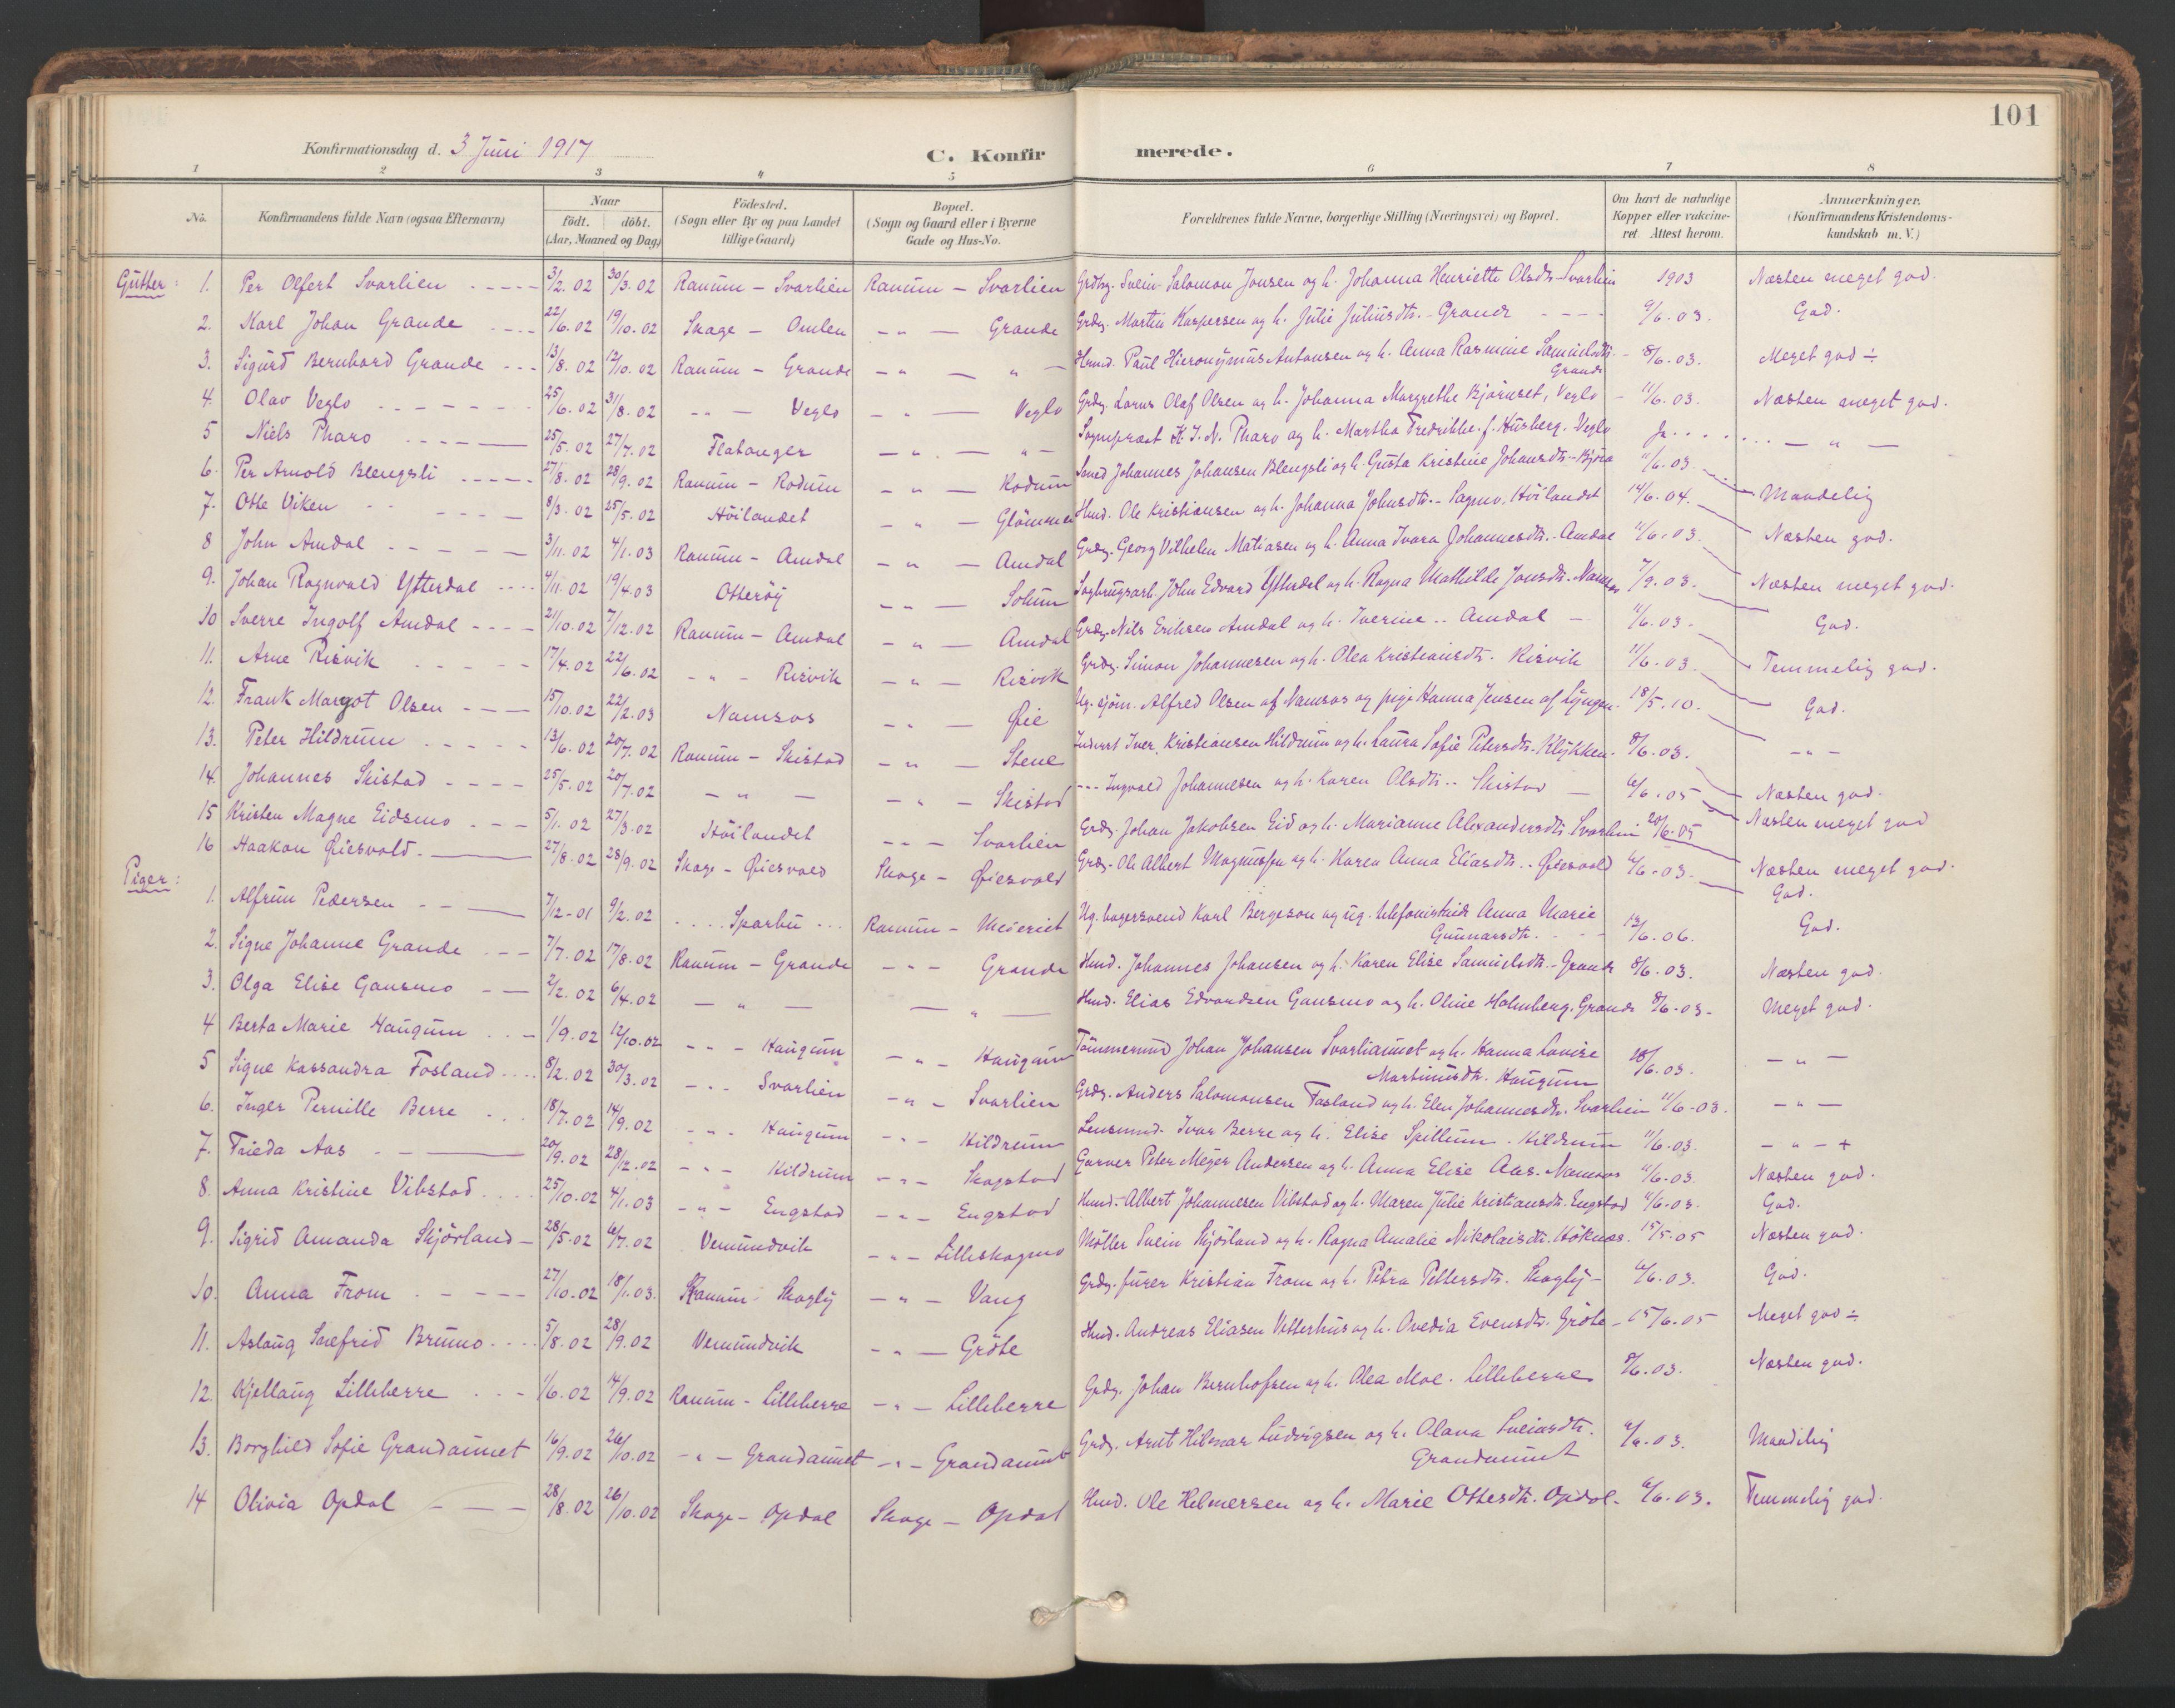 SAT, Ministerialprotokoller, klokkerbøker og fødselsregistre - Nord-Trøndelag, 764/L0556: Ministerialbok nr. 764A11, 1897-1924, s. 101